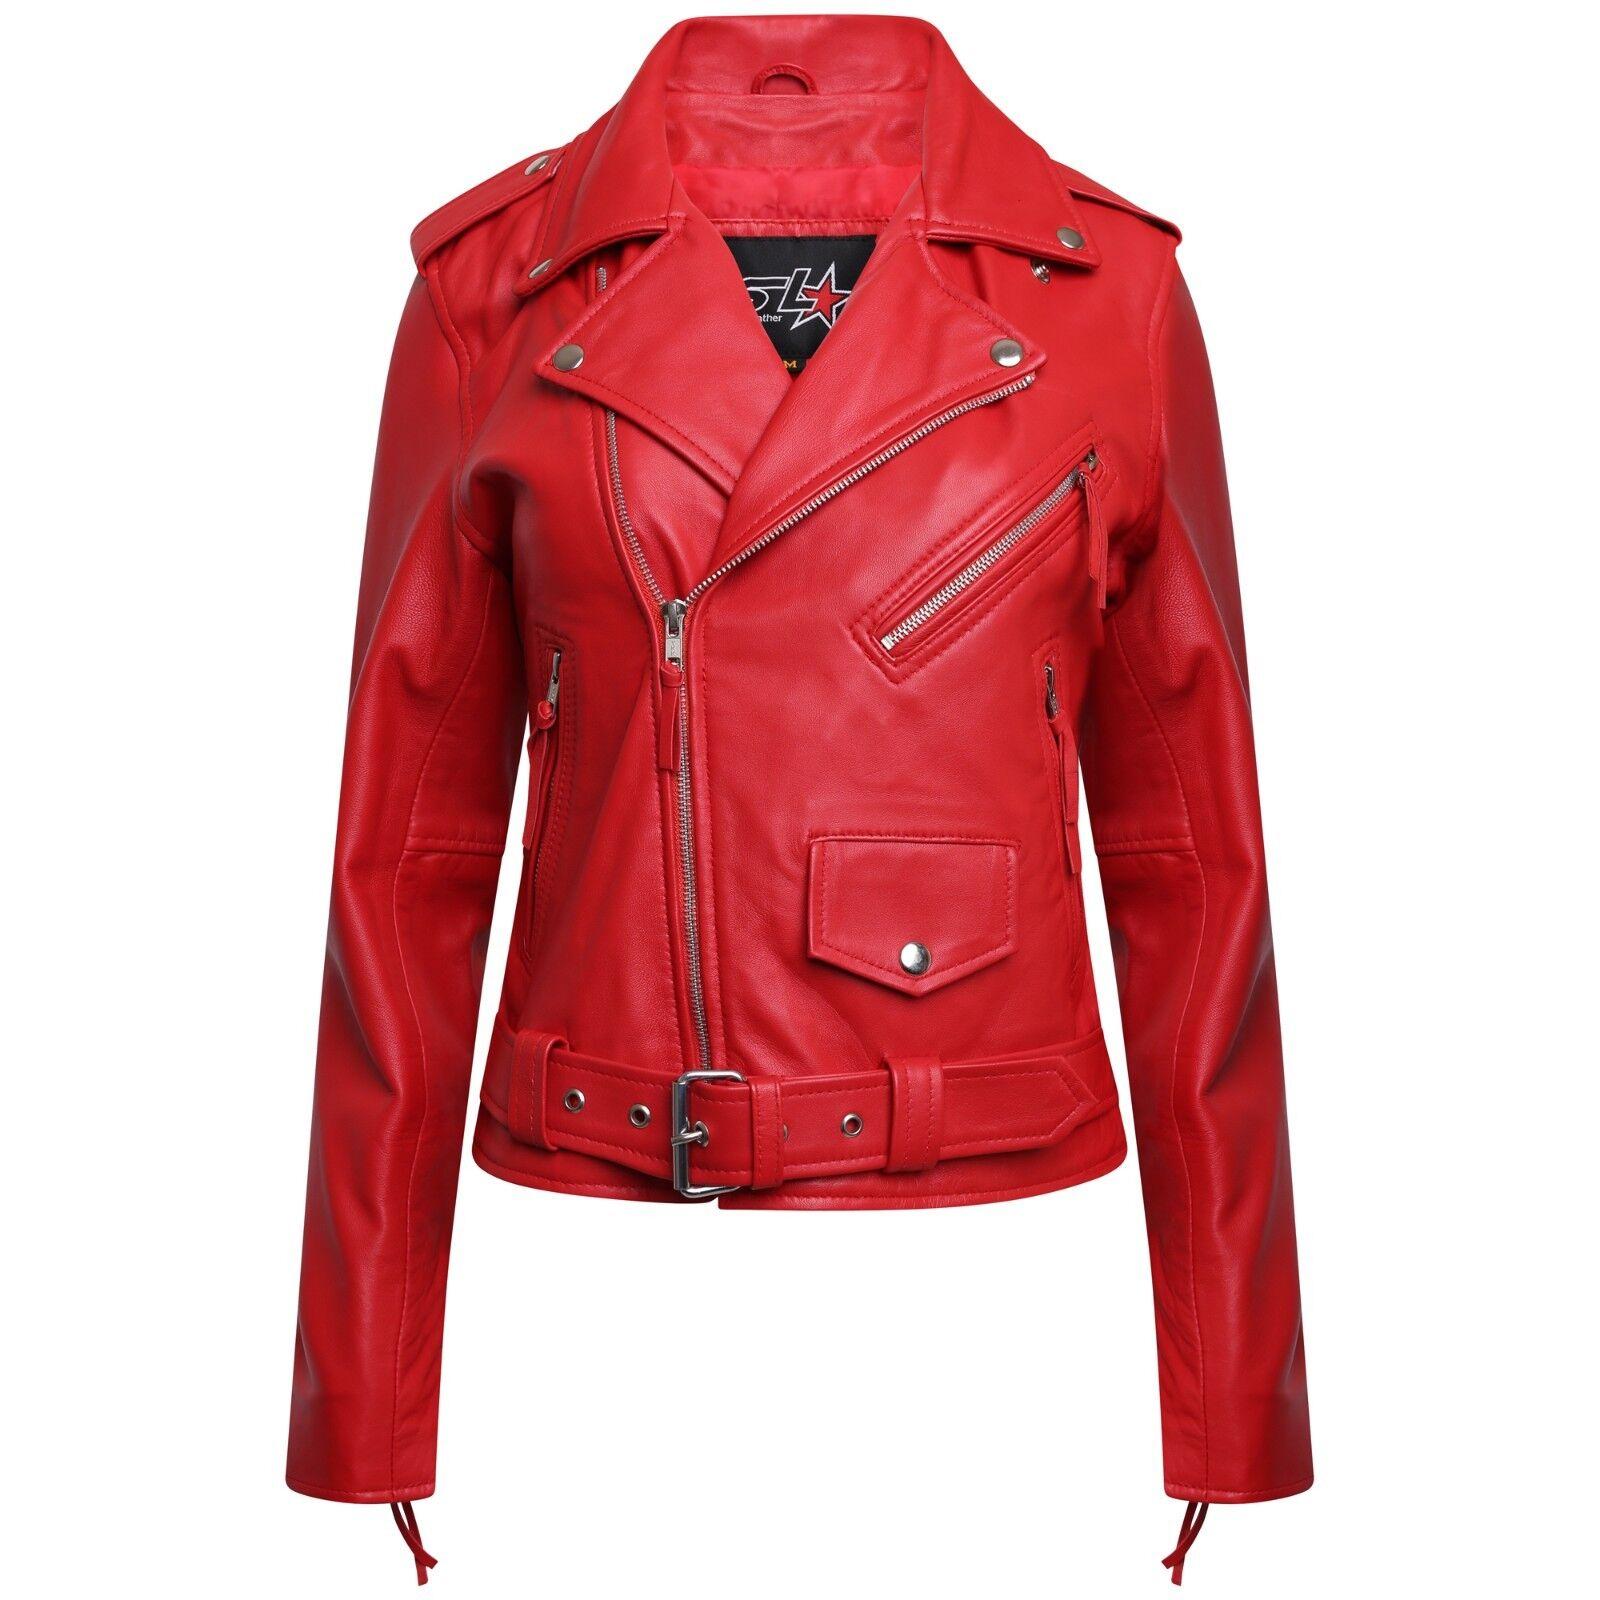 Señora curtidas vintage clásico estilo motorista  brando Echt Leder chaqueta de moda  precio razonable